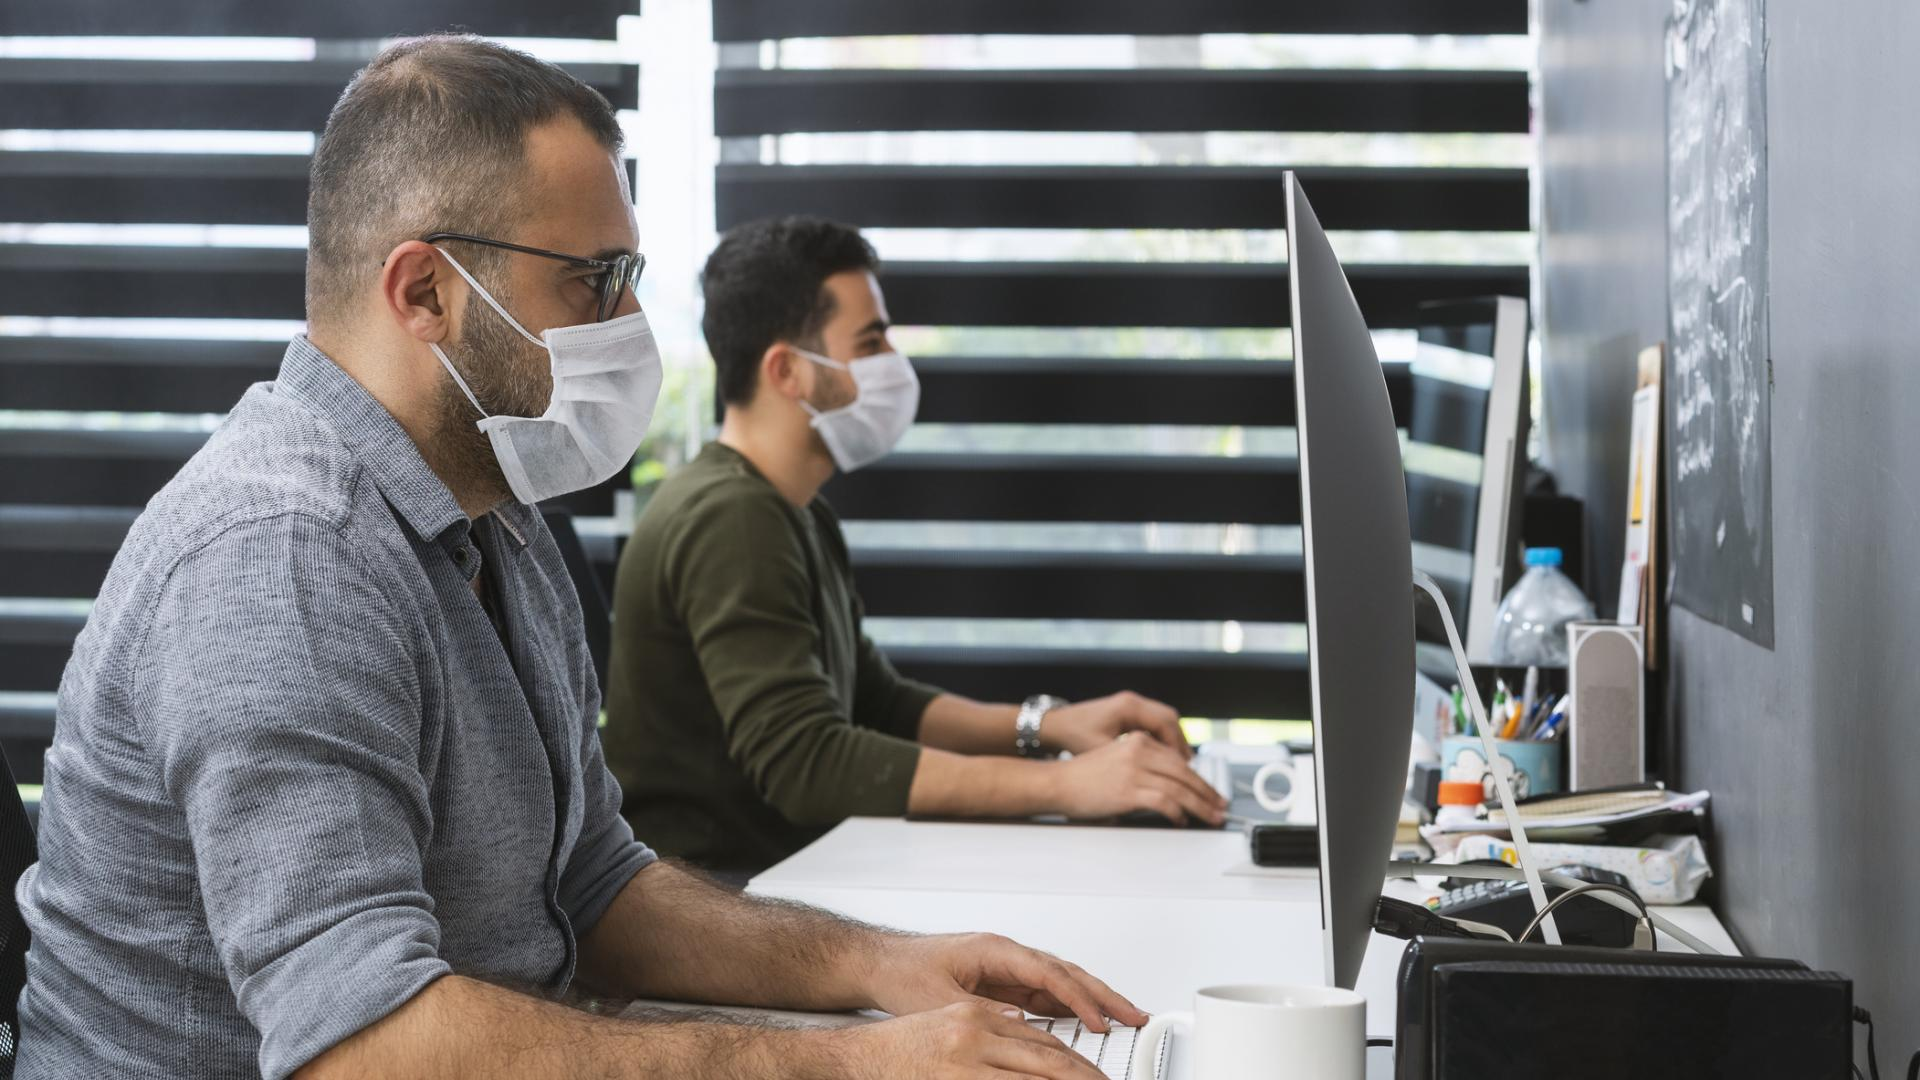 Büro arbeit männer computer masken tragen